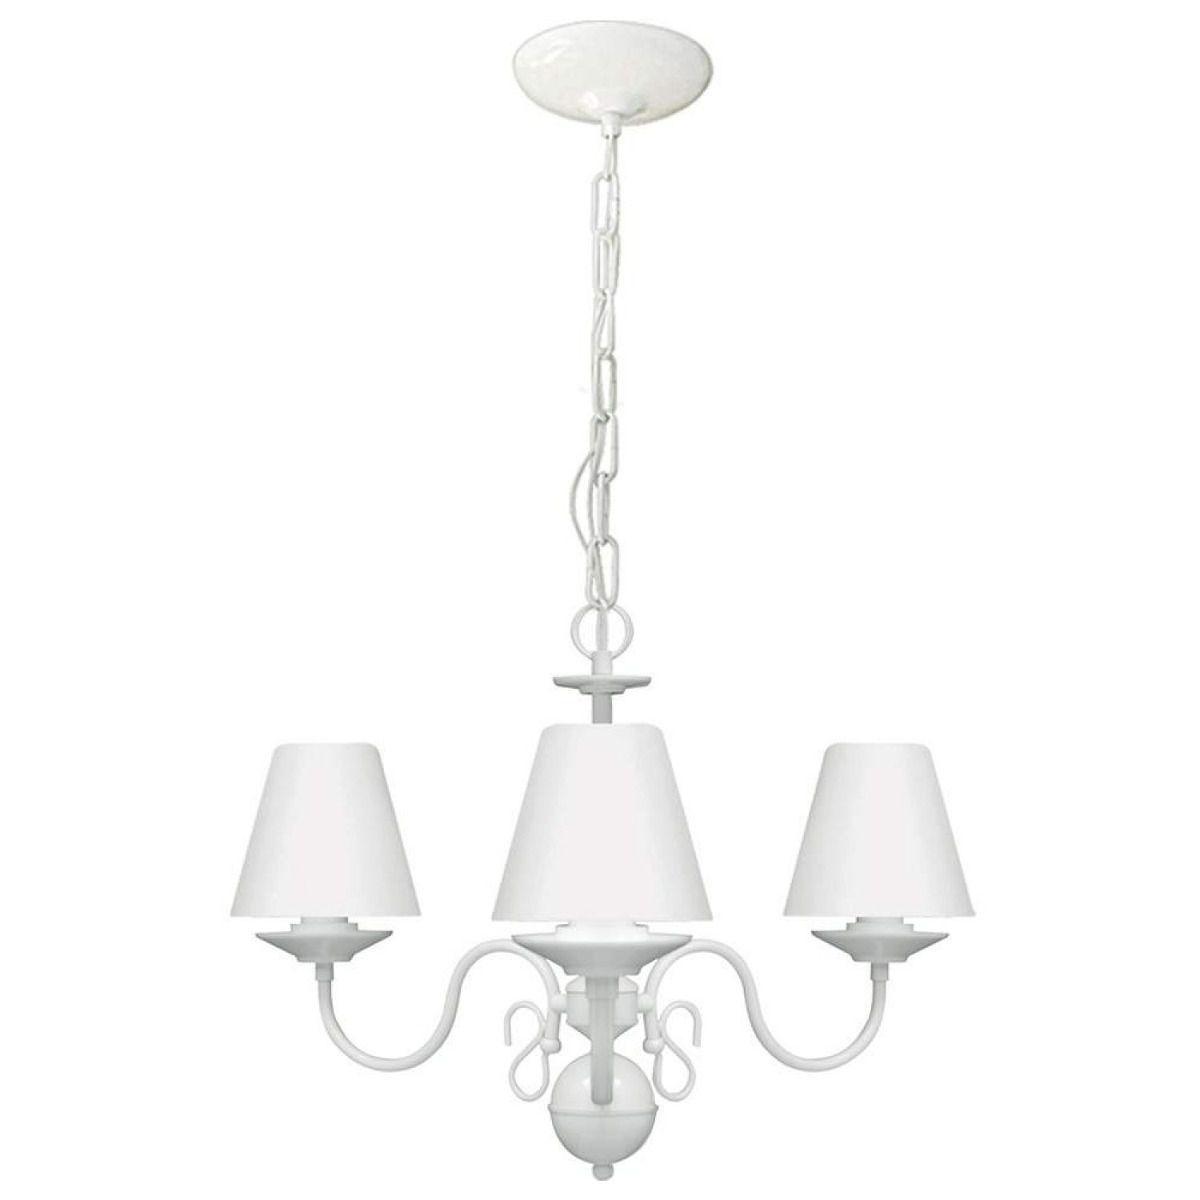 Lustre para quarto candelabro clássico vintage infantil branco para 3 lâmpadas